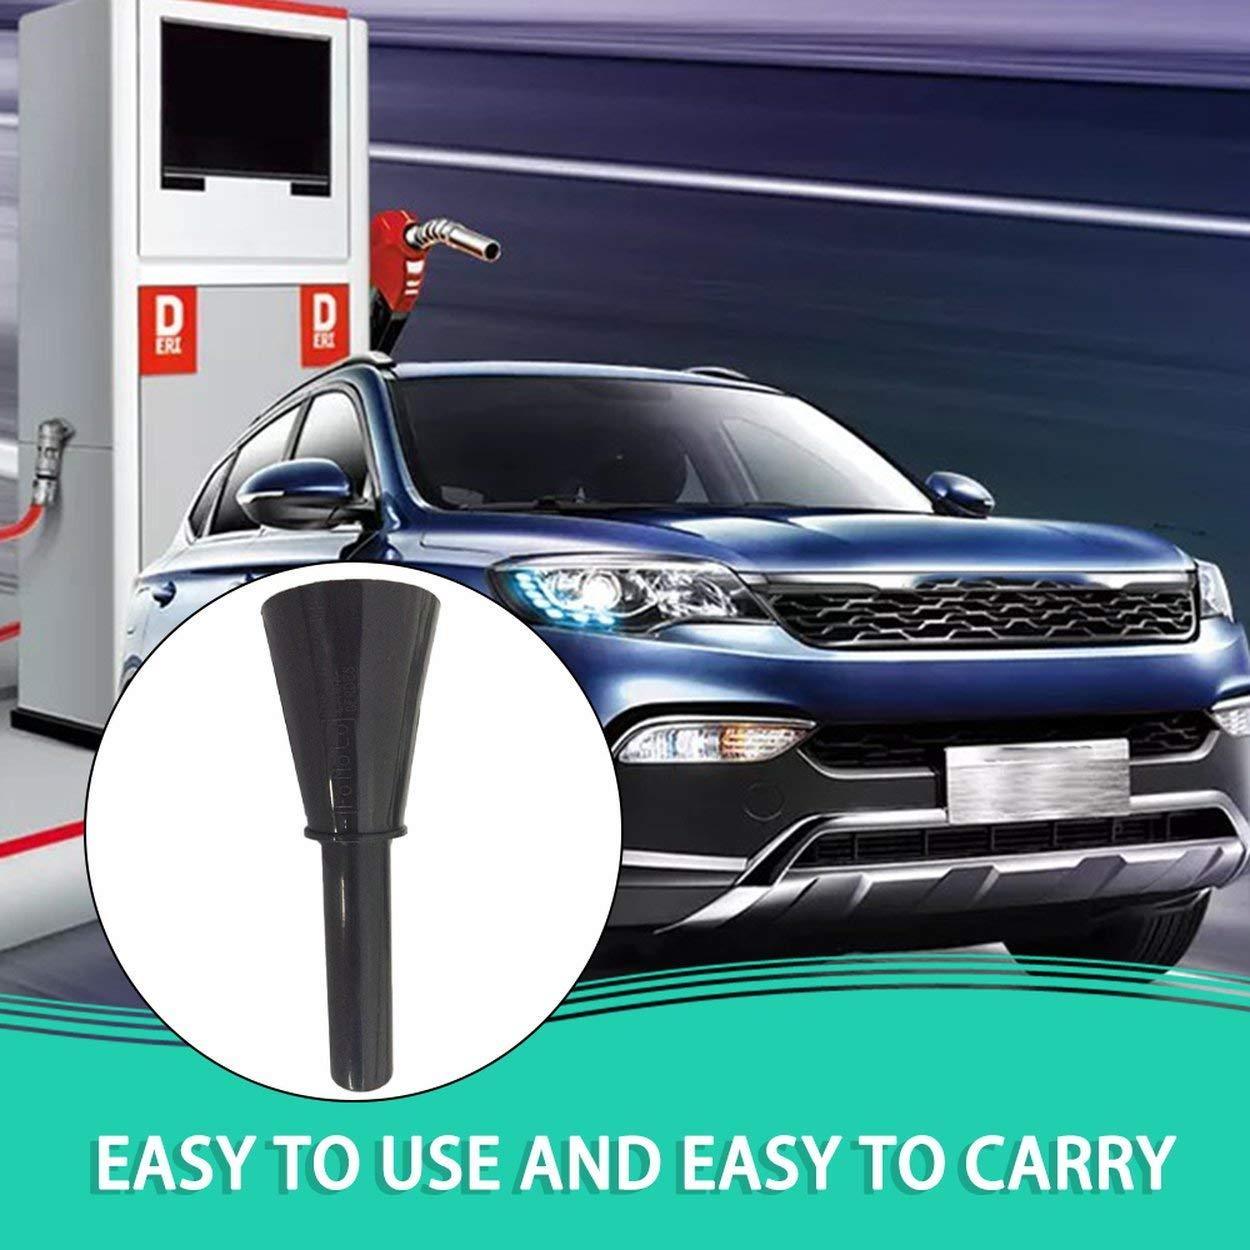 Nero Caroline Philipson Diesel di Emergenza Benzina Imbuto per Focus Mk2 2007-2011 Accessori Auto Sostitutiva Imbuto